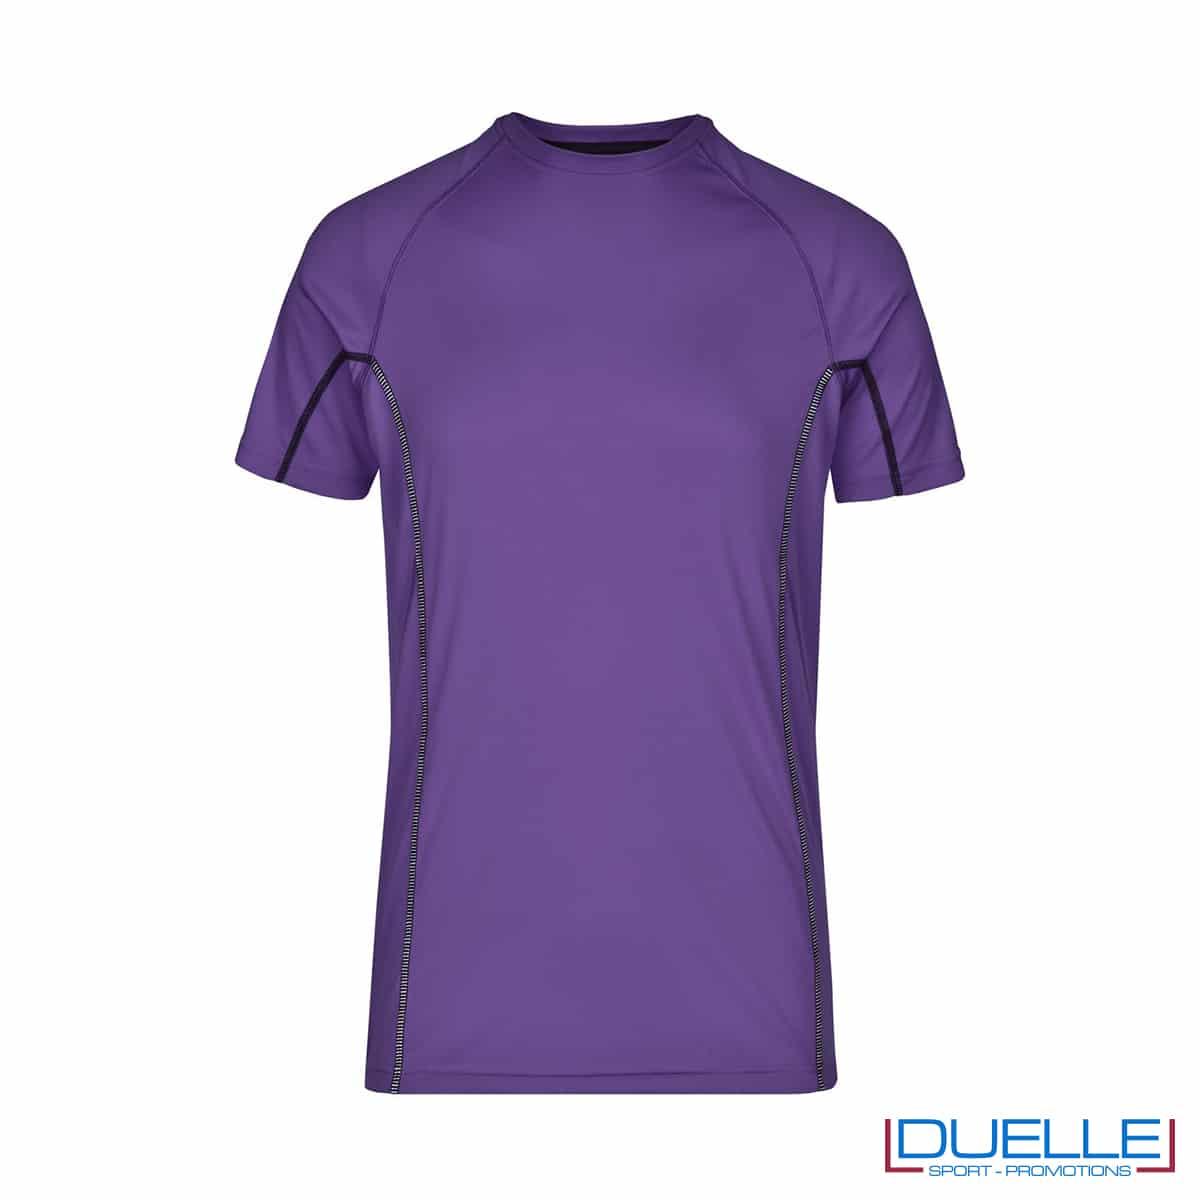 Maglia running Coolmax uomo colore viola personalizzata